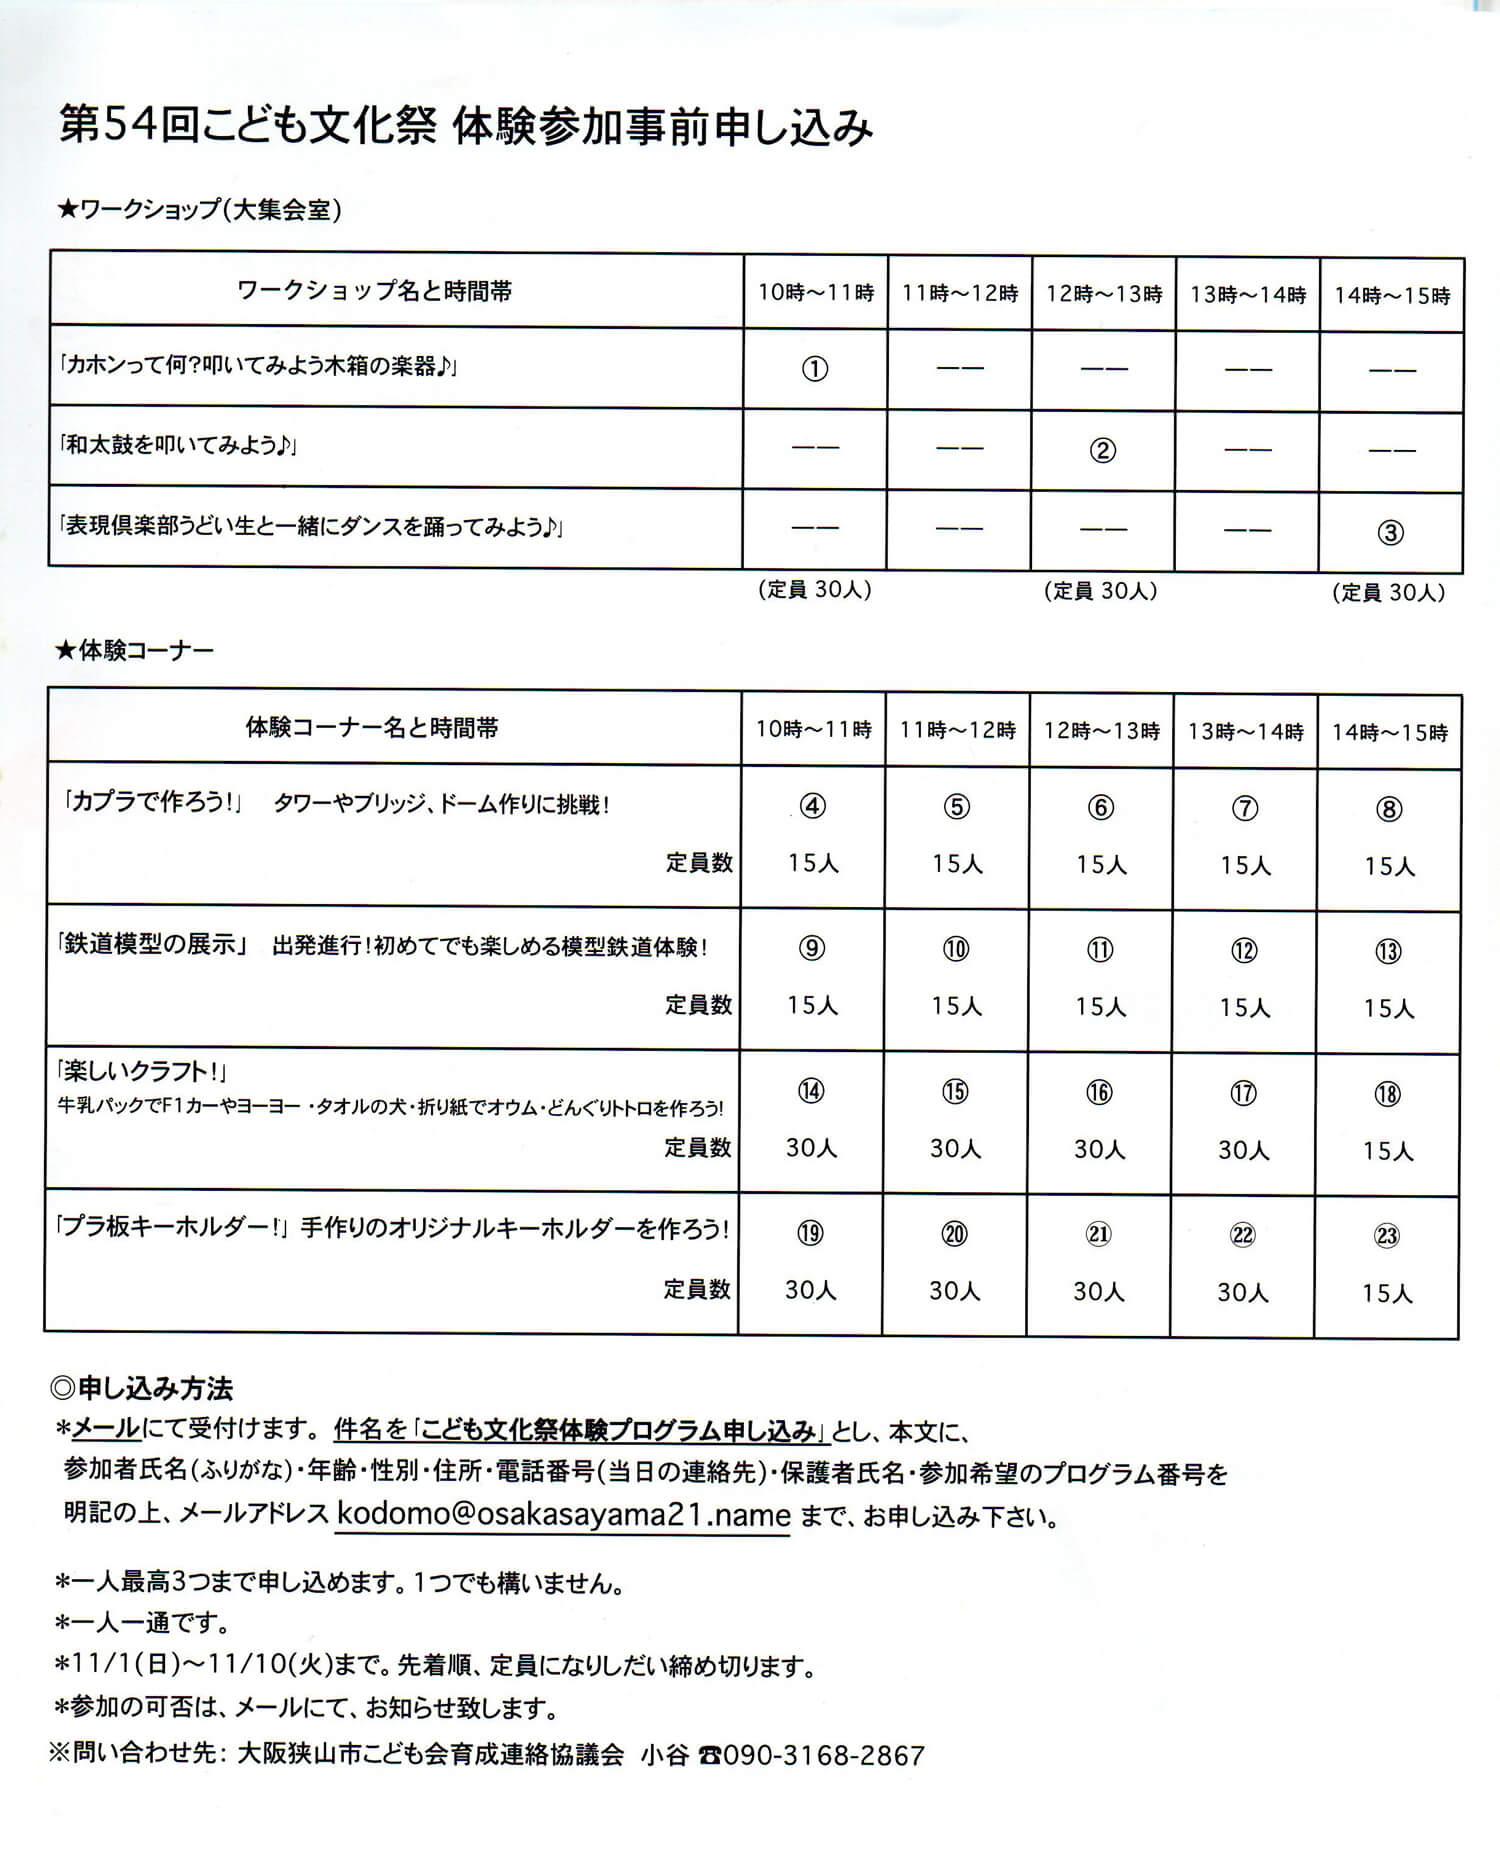 「第54回こども文化祭」が大阪狭山市立公民館にて2020年11月15日に開催!-(1)